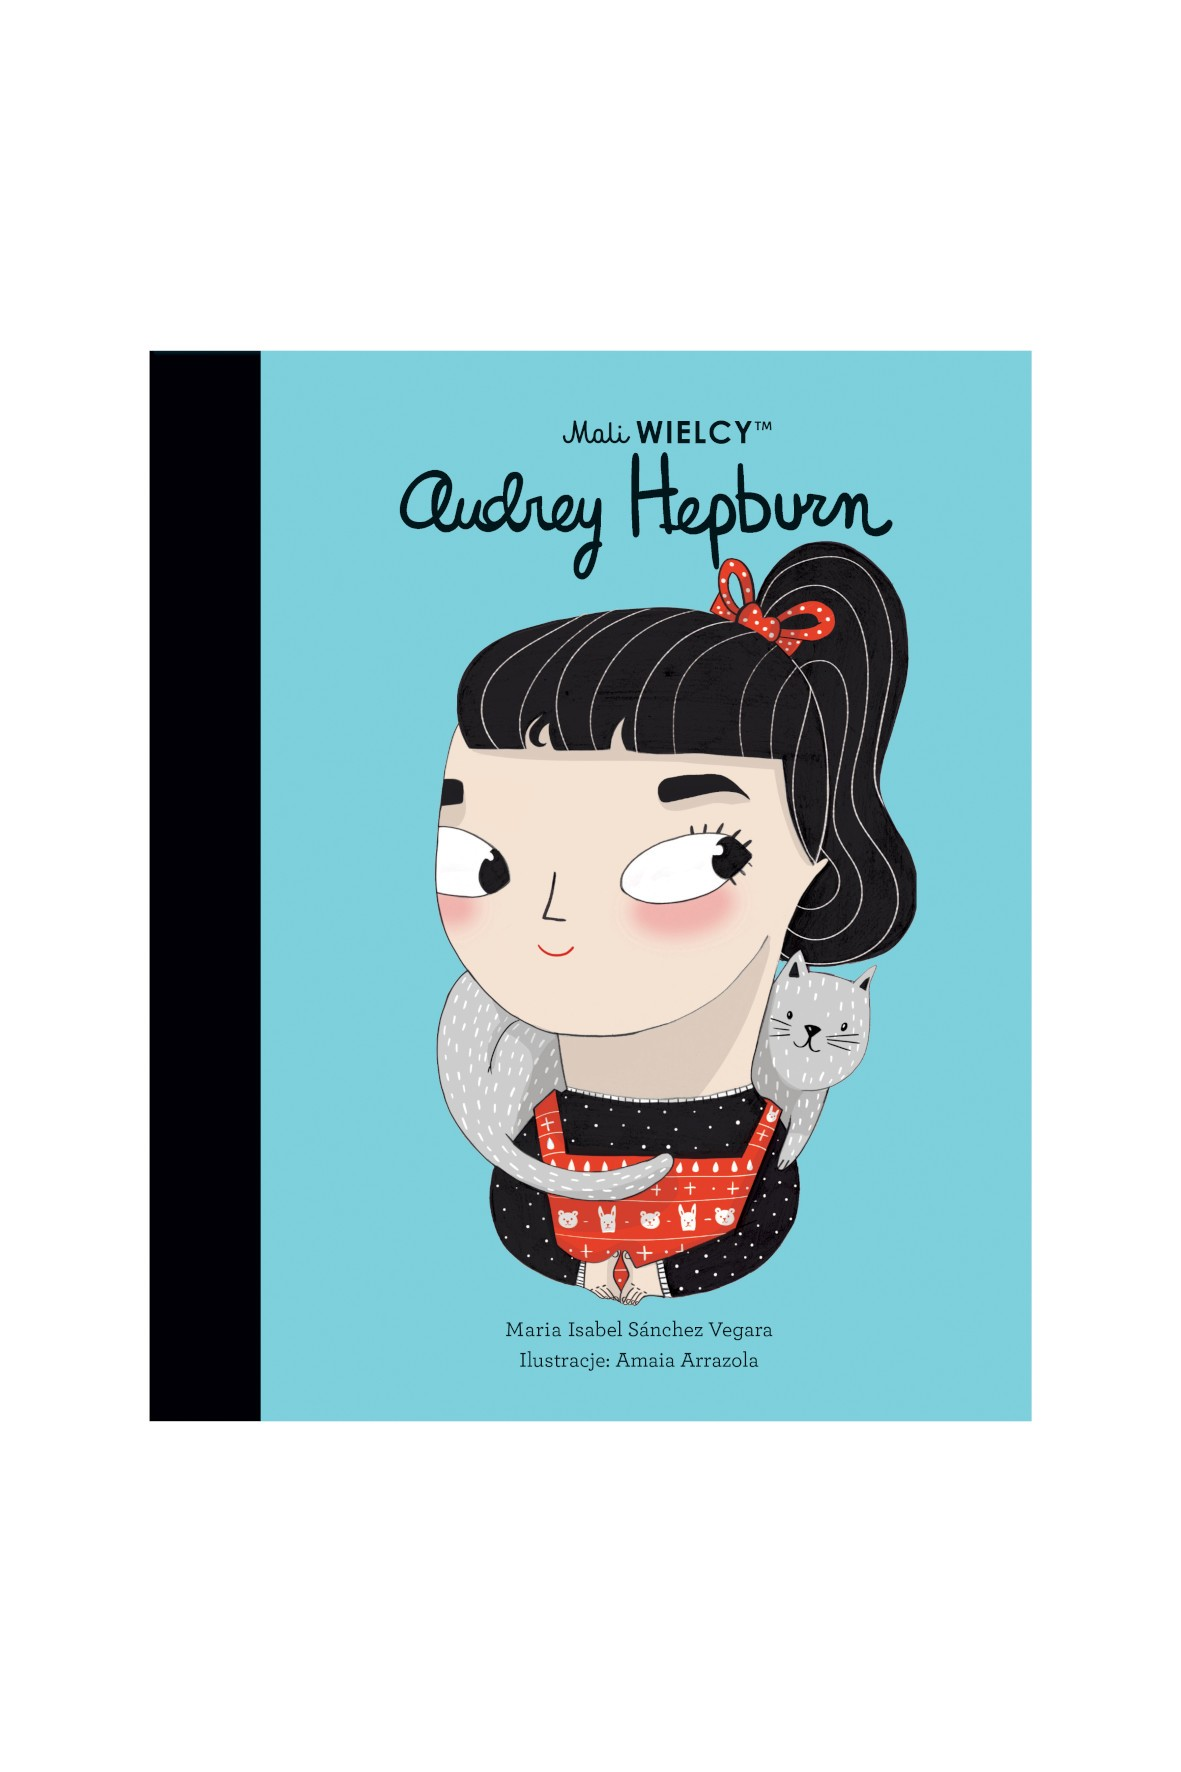 Książka dla dzieci- Mali WIELCY. Audrey Hepburn wiek 3+